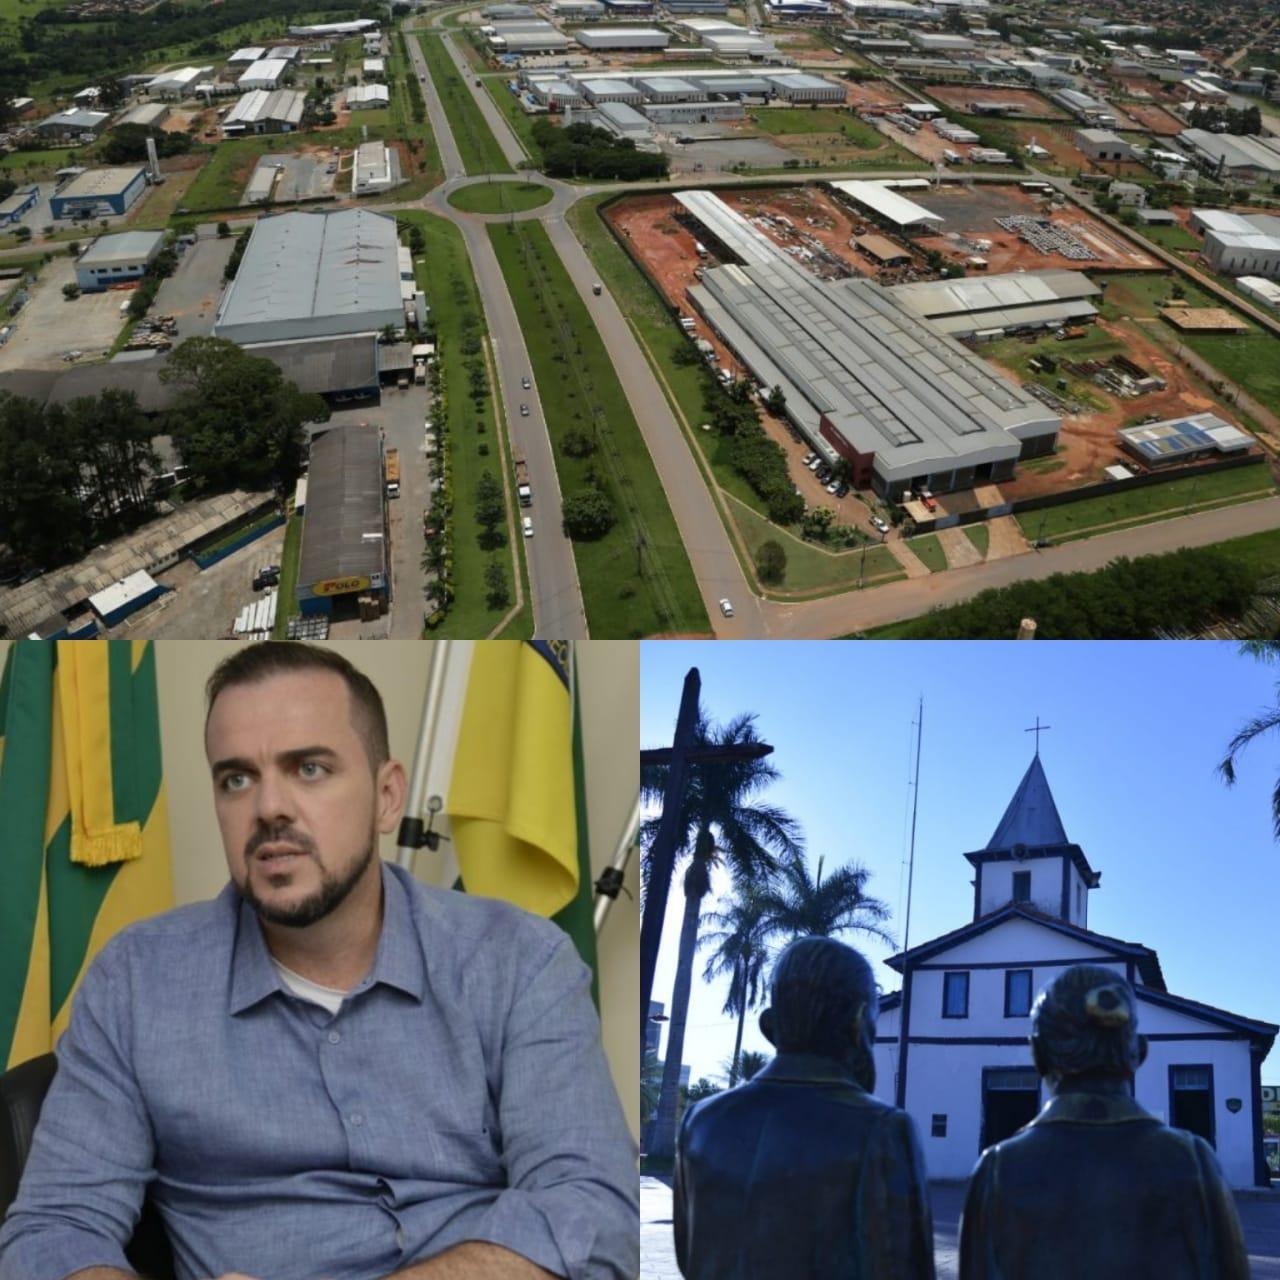 Gustavo Mendanha comemora desafios e destaca avanços de Aparecida nesses 97 anos de fundação